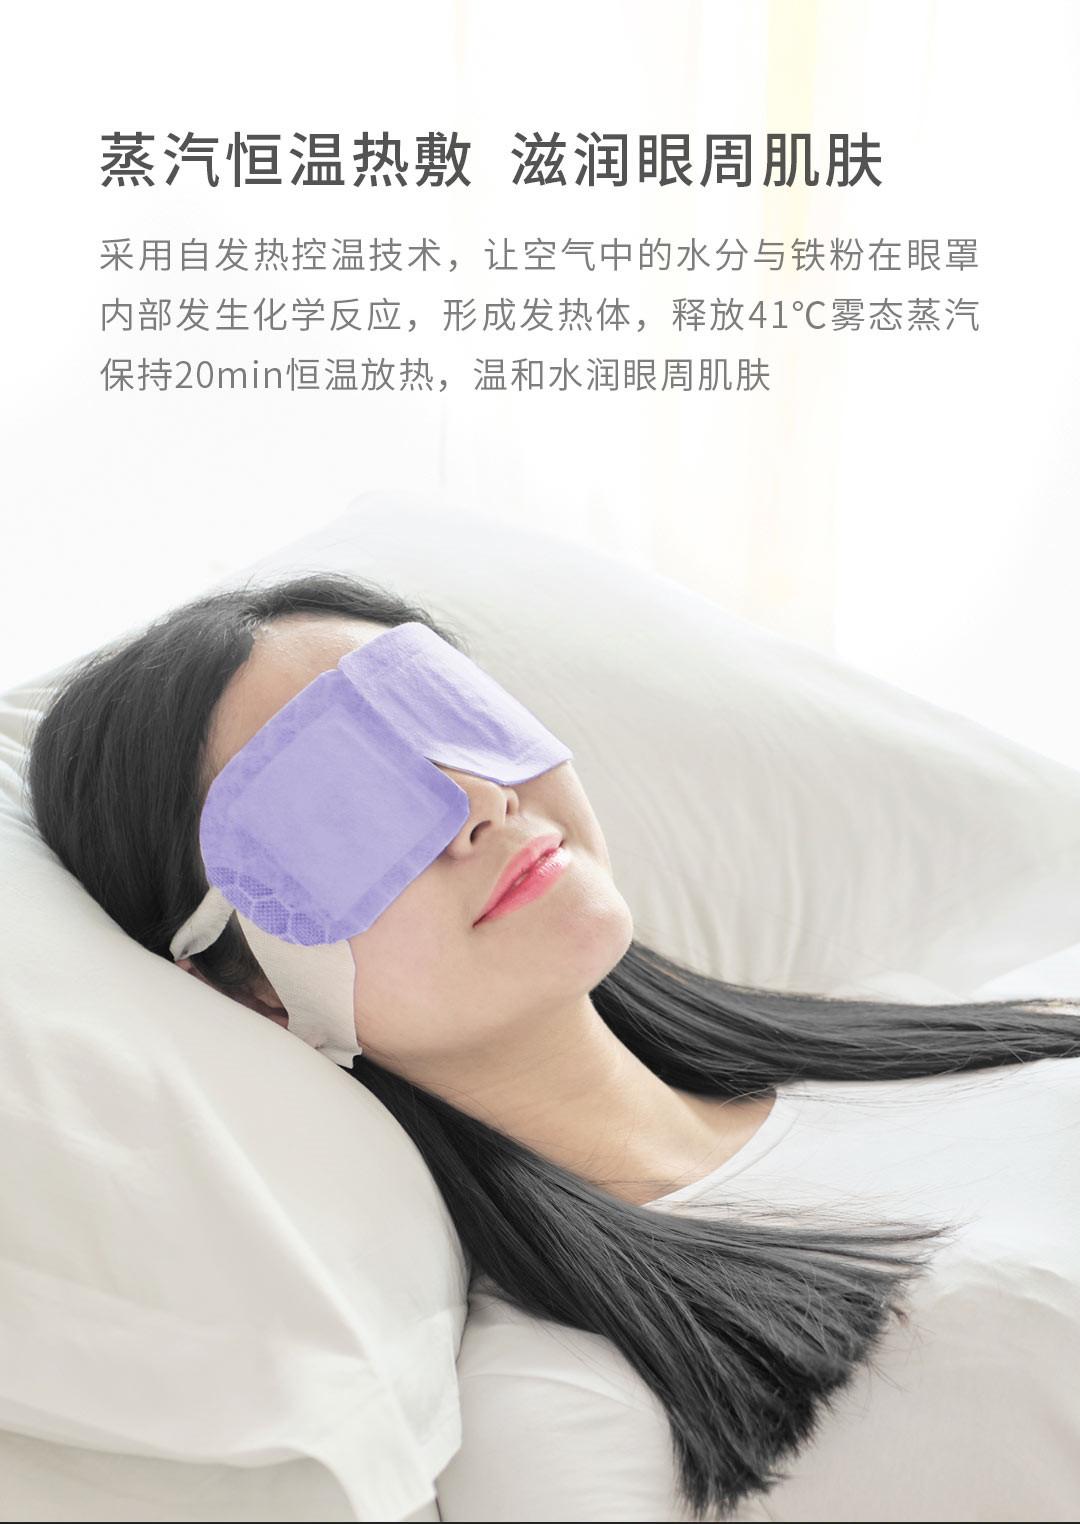 PMA 石墨烯蒸汽热敷眼罩缓解眼疲劳去黑眼圈10片装小米有品同款